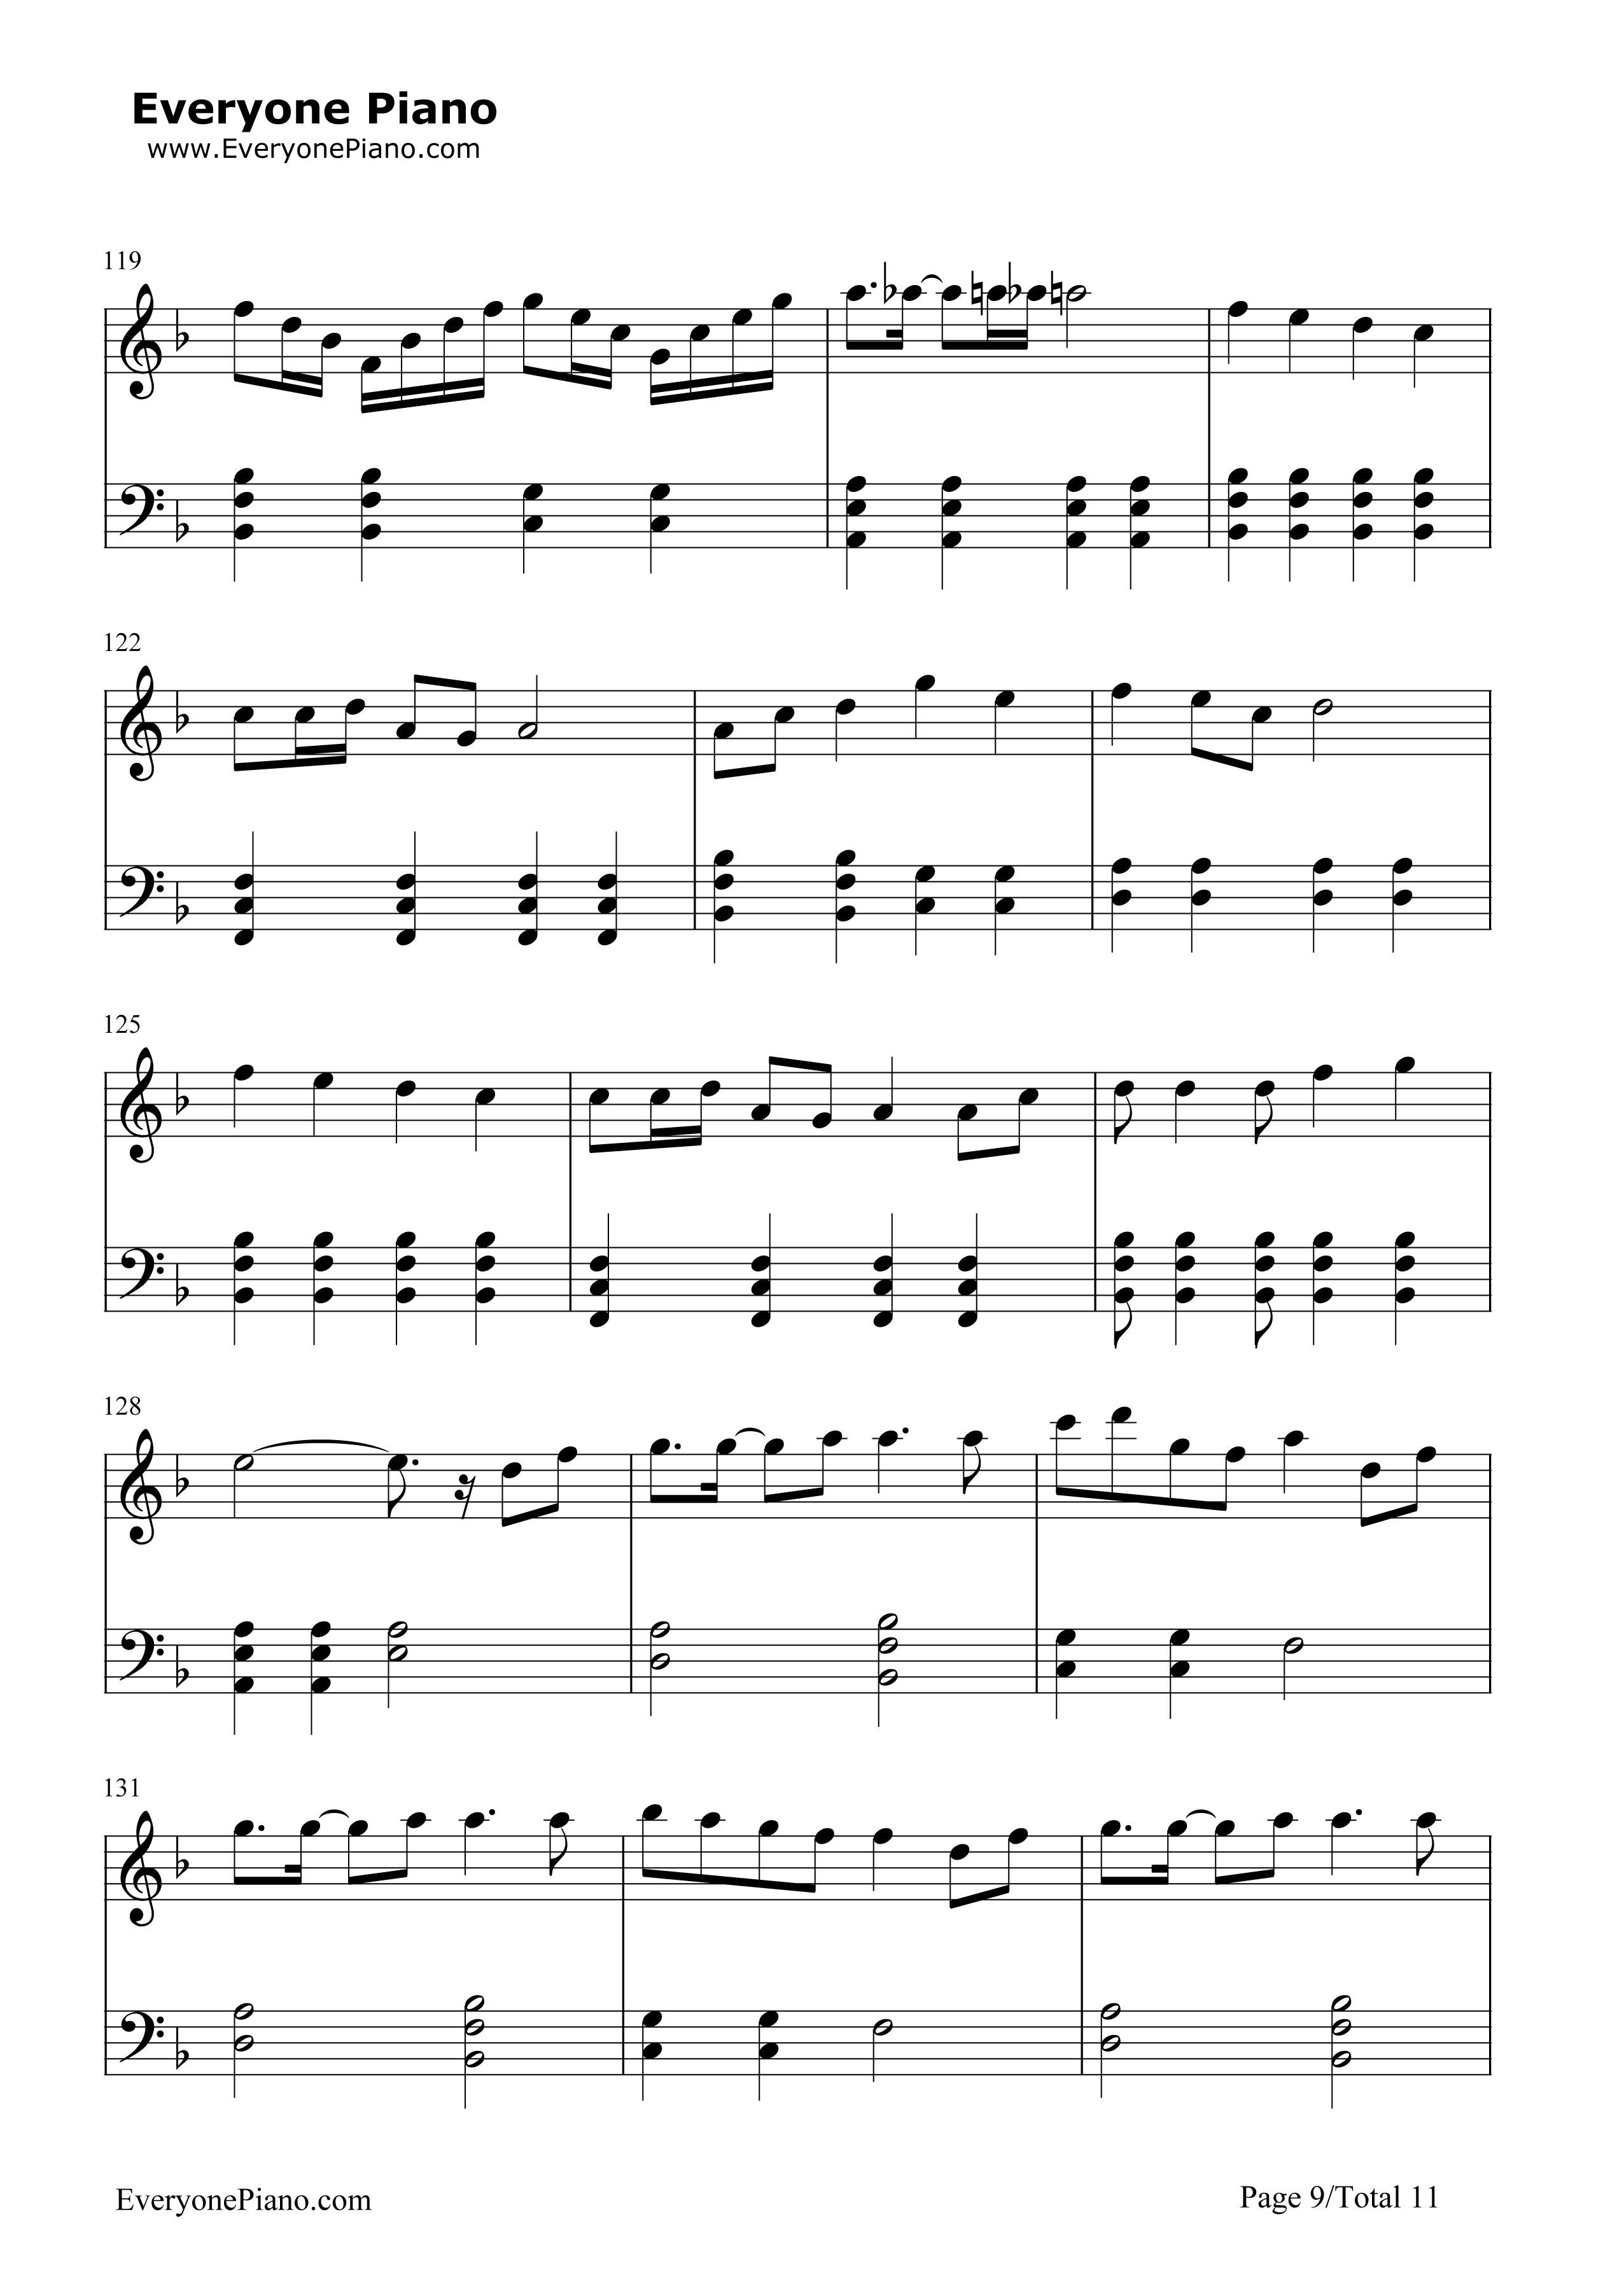 千本樱简单版-初音未来五线谱预览9